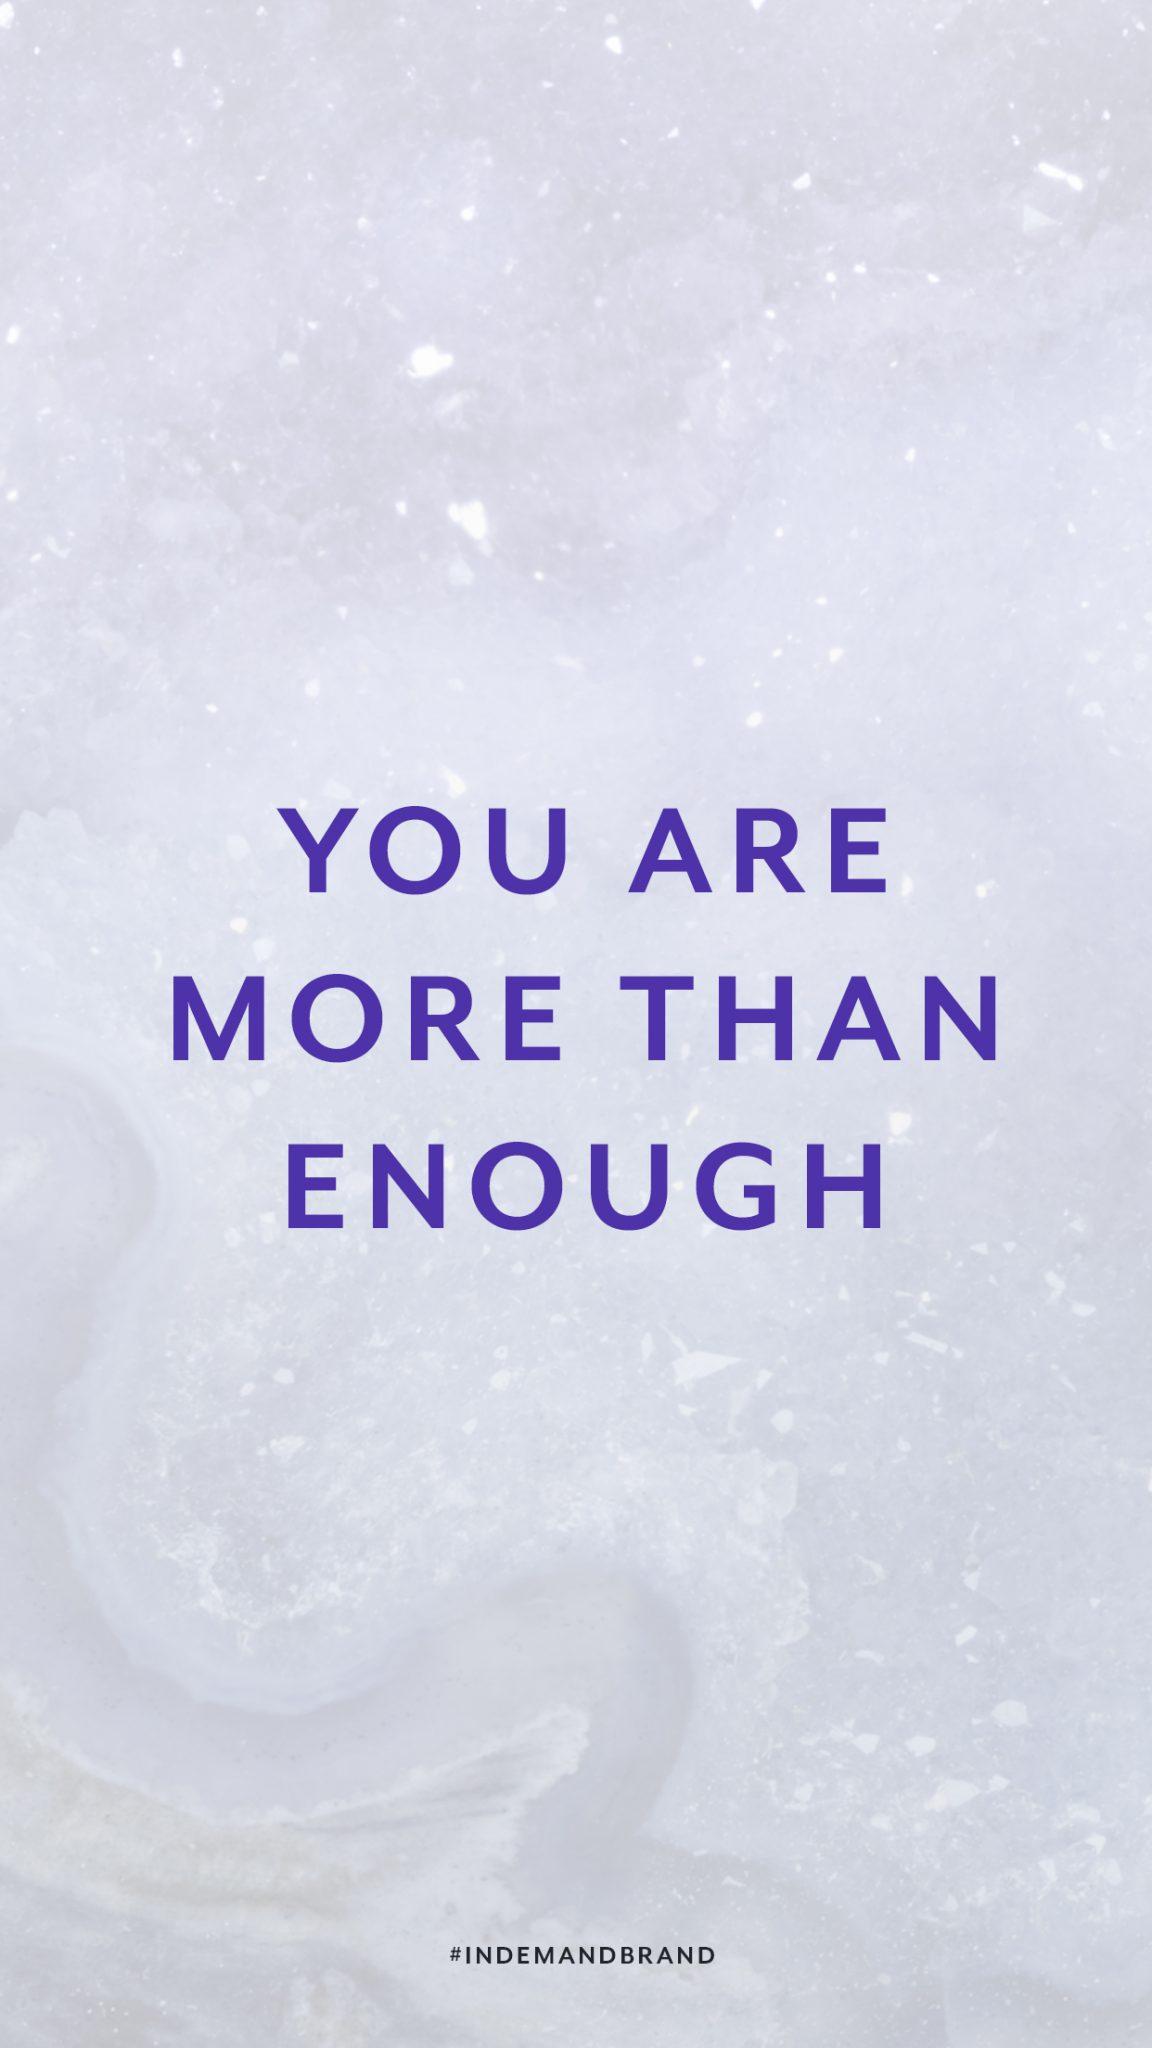 You are more than enough. #InDemandBrand